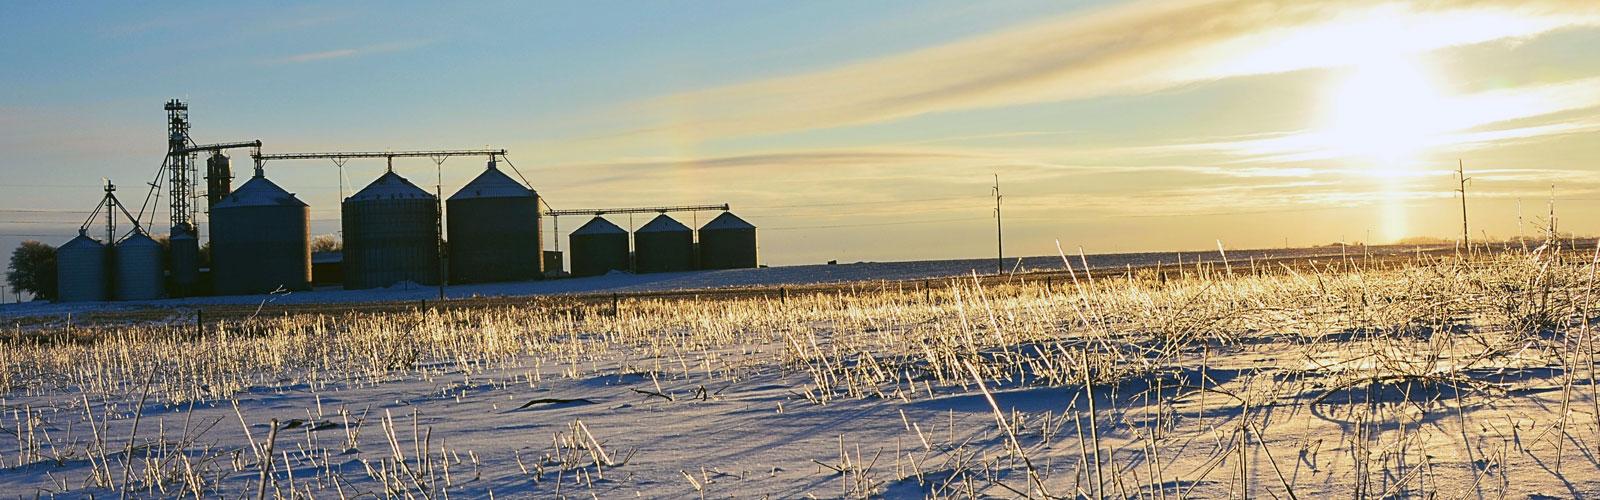 Winter Comes Early, Sweeping Destruction Through Colorado Hemp Farms